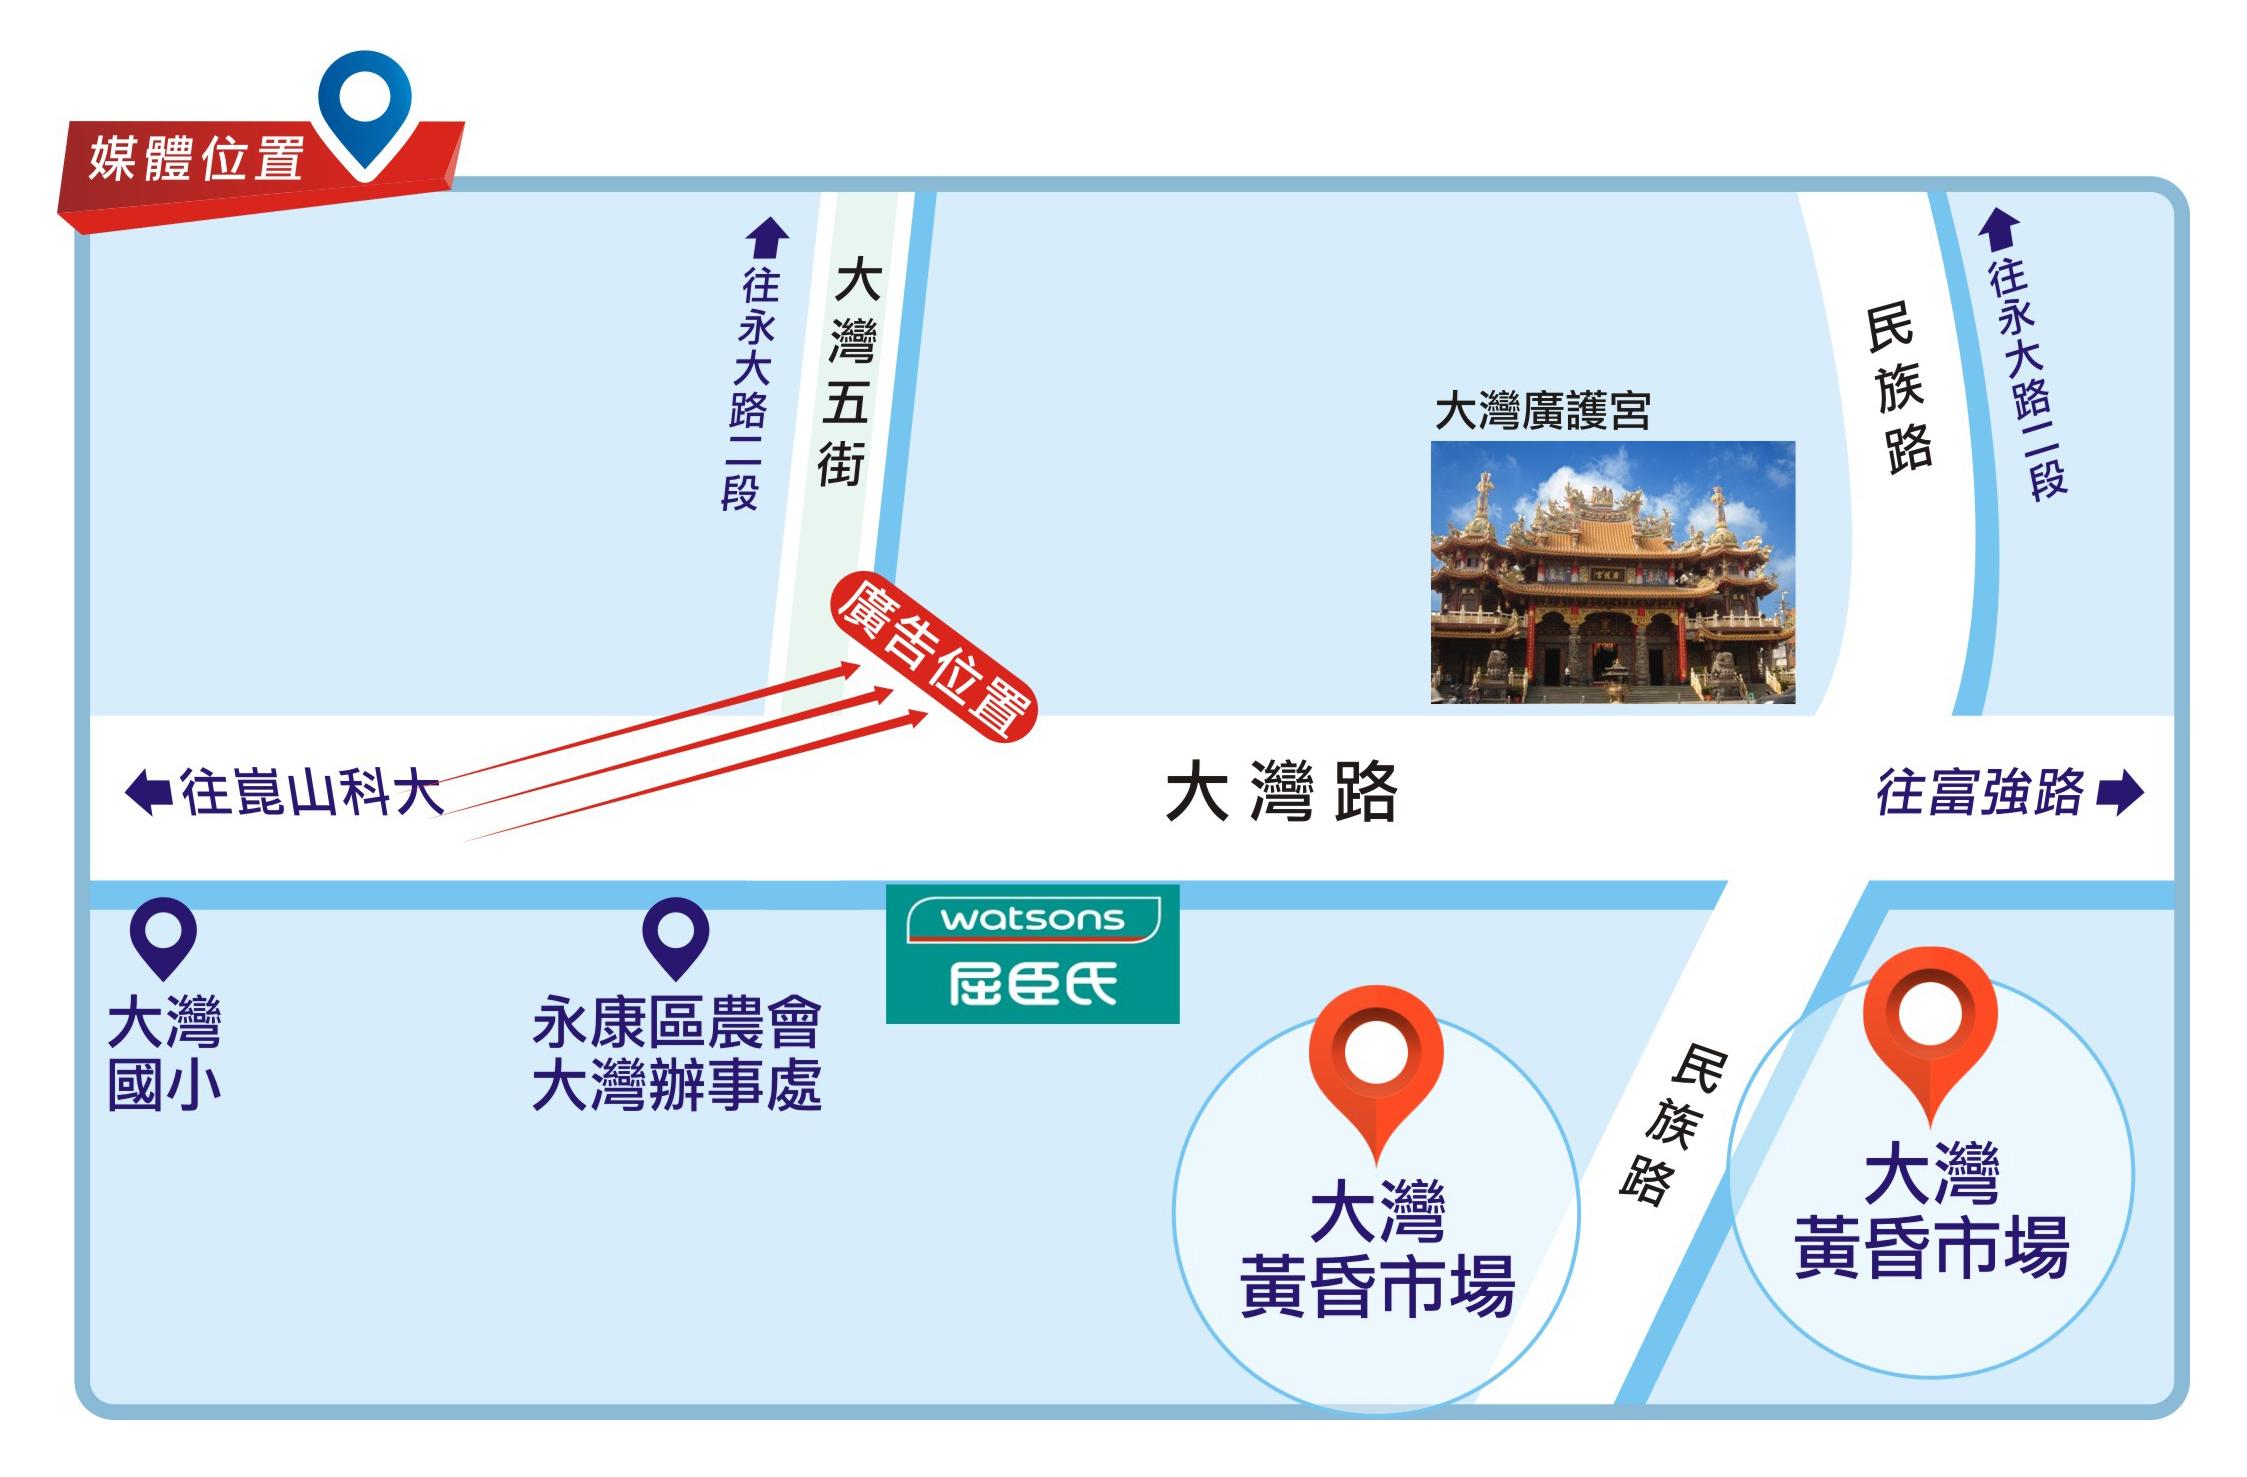 N-0807-大灣廣護宮商圈、民族路黃昏市場、學區